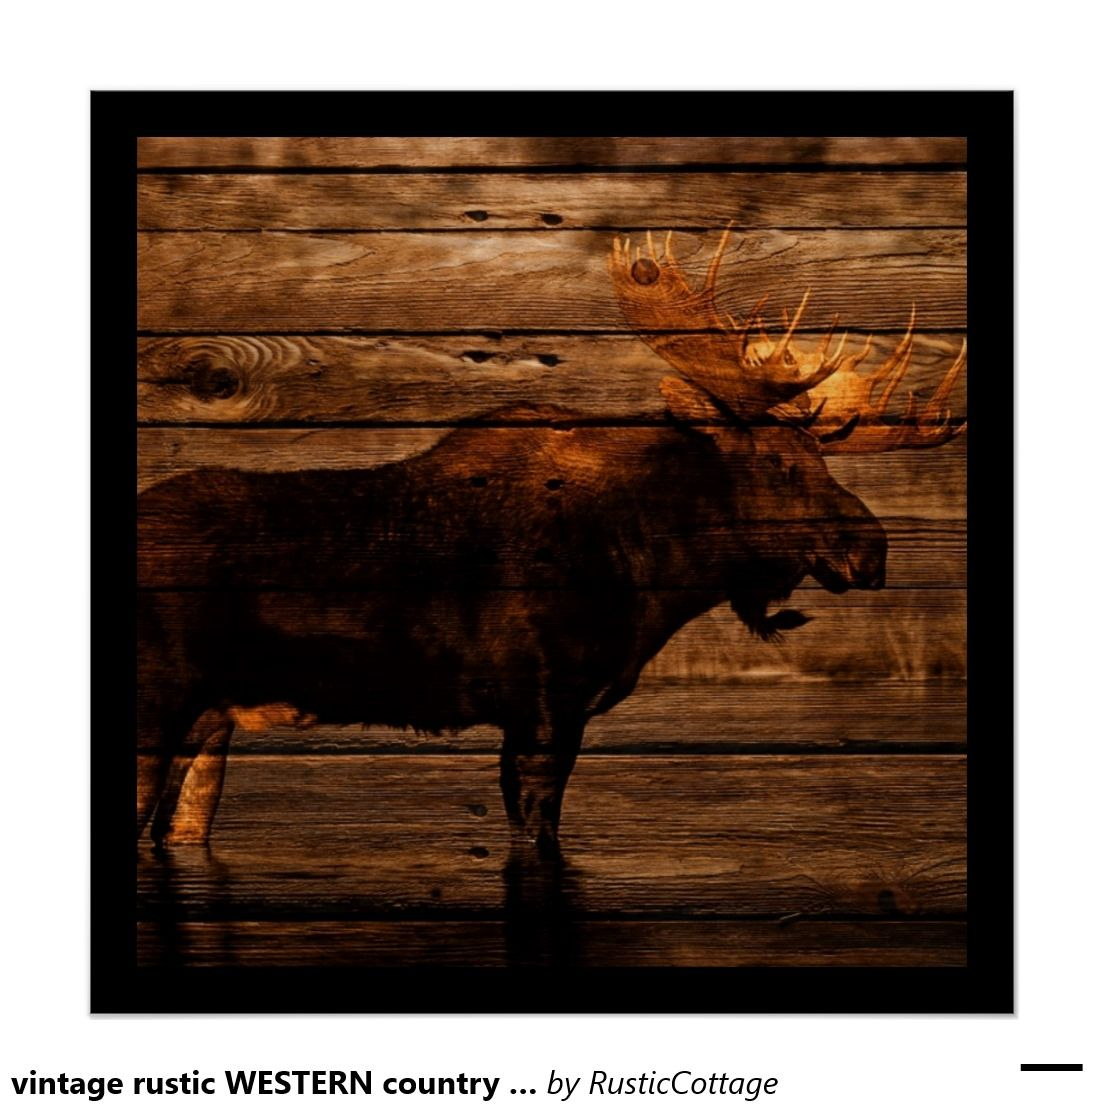 vintage rustic WESTERN country woodgrain MOOSE Poster